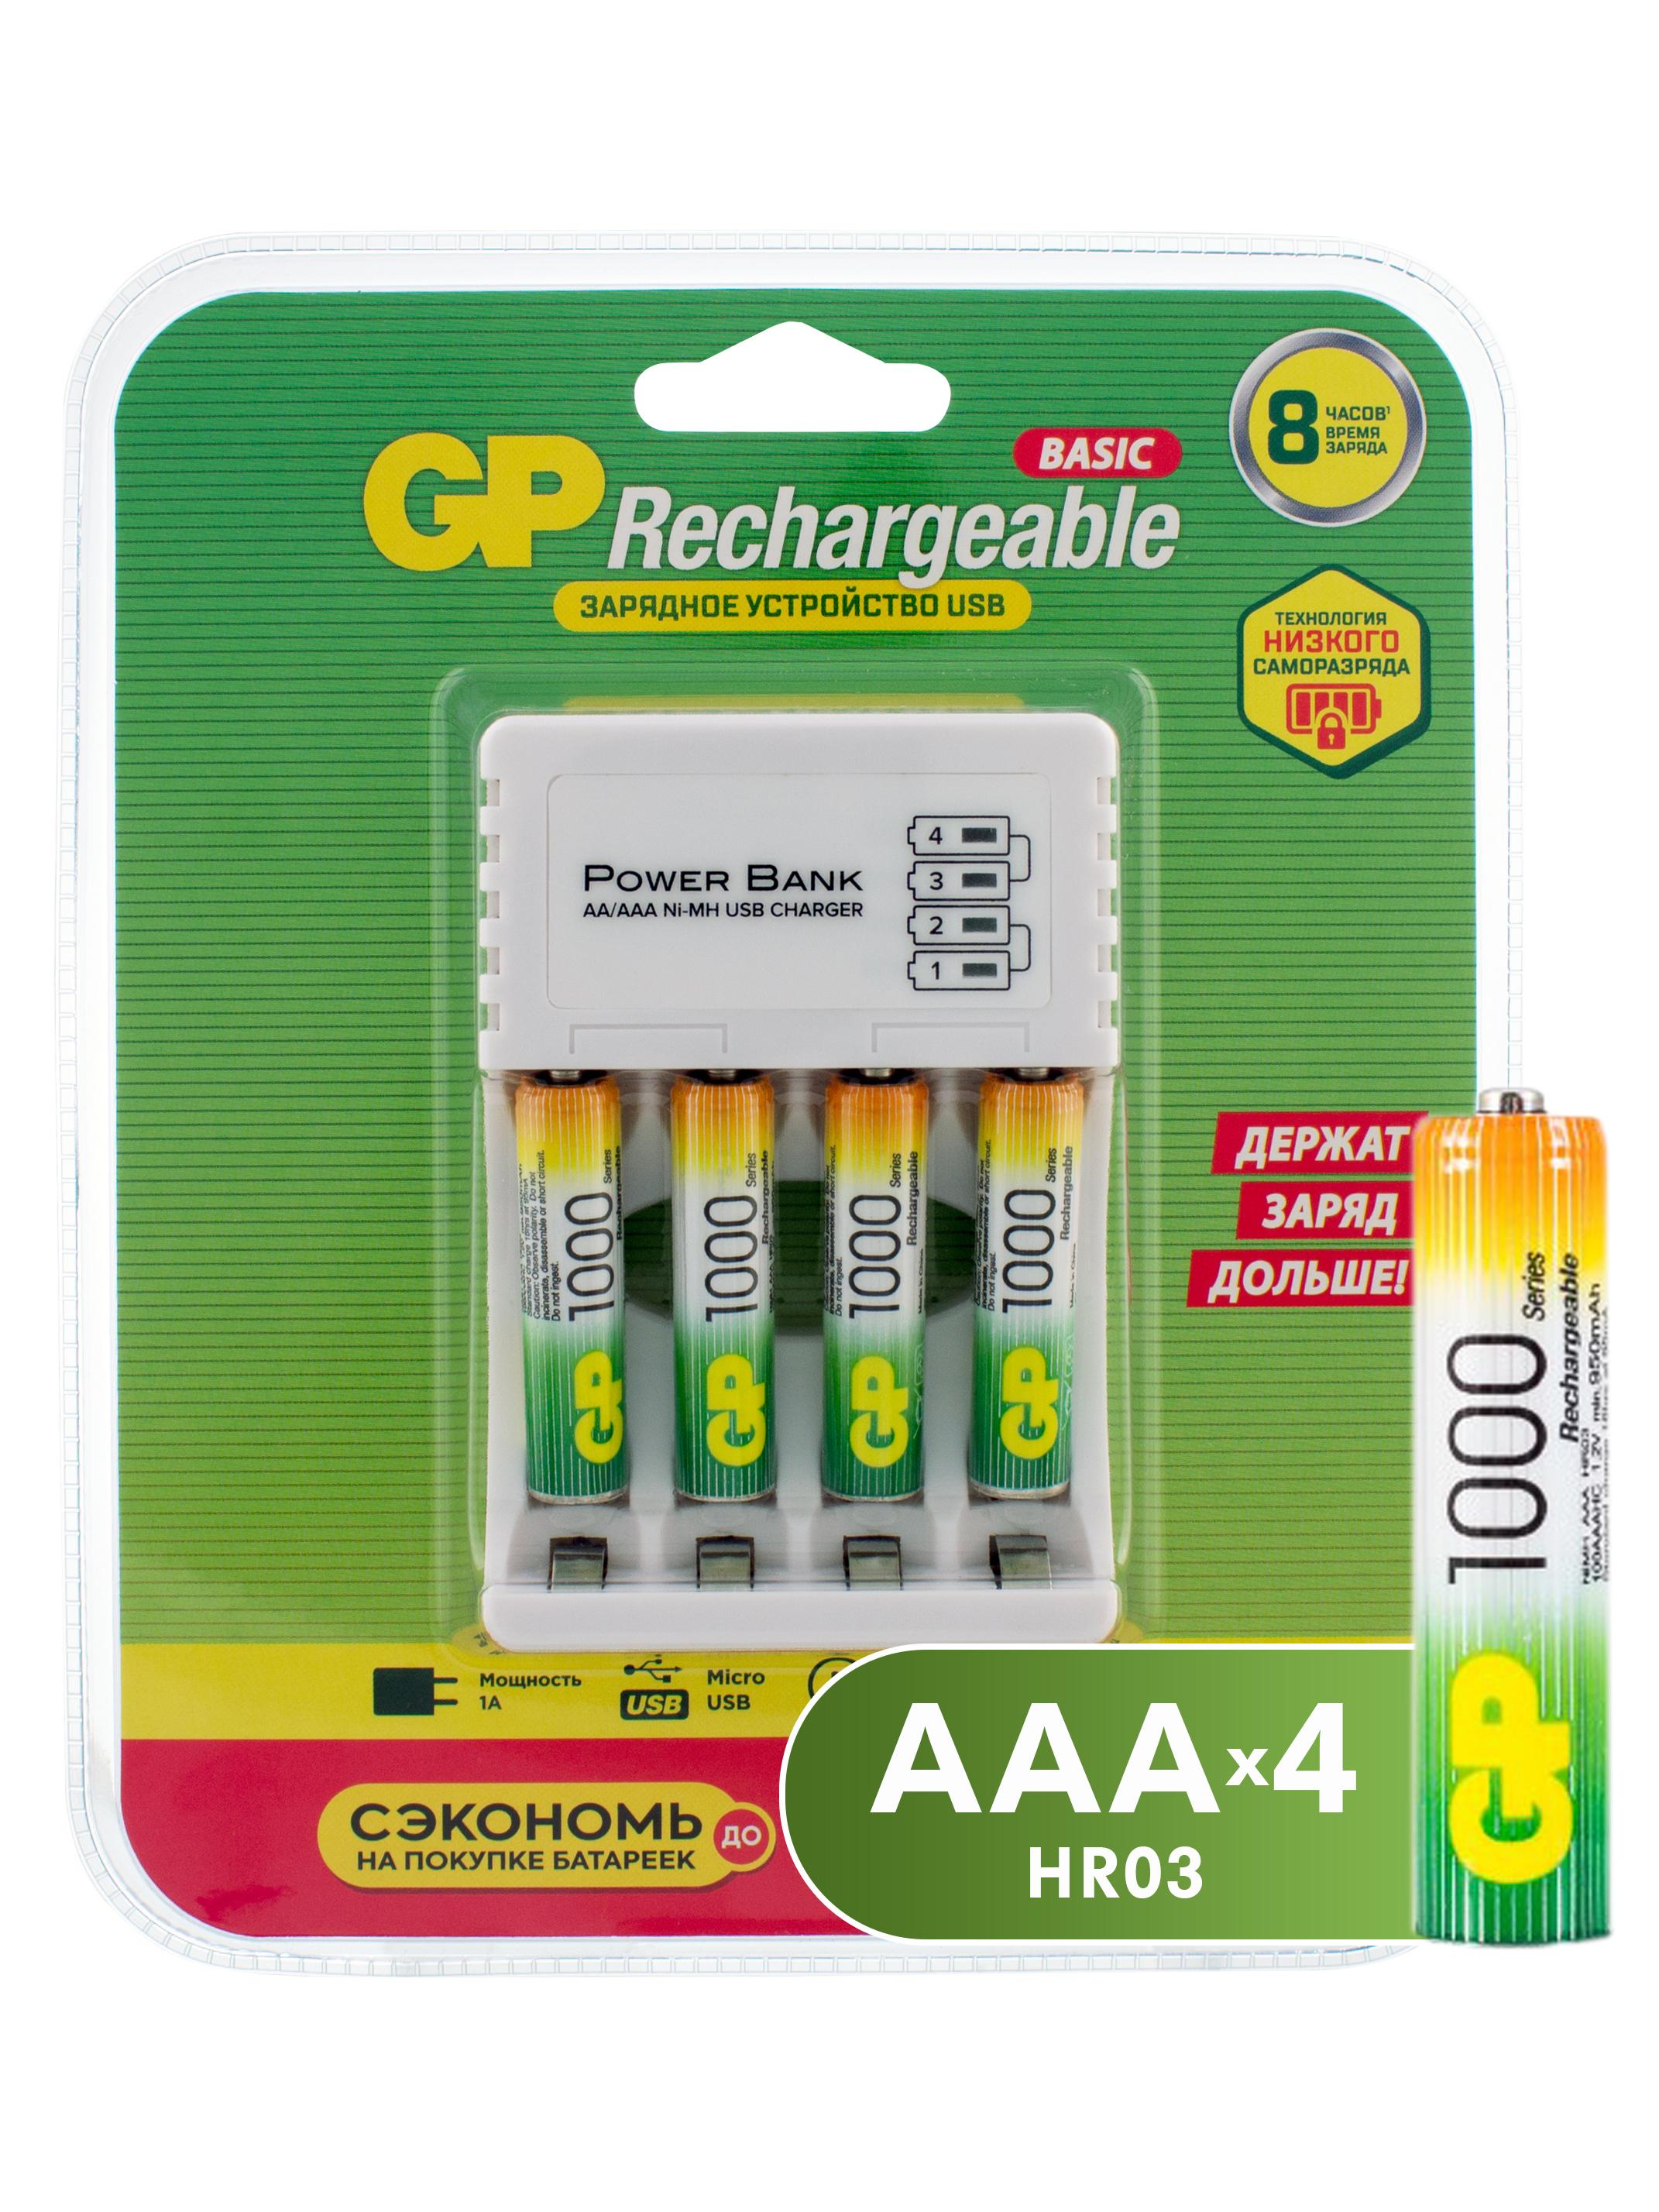 Зарядное устройство GP + аккумуляторы ААА (HR03)